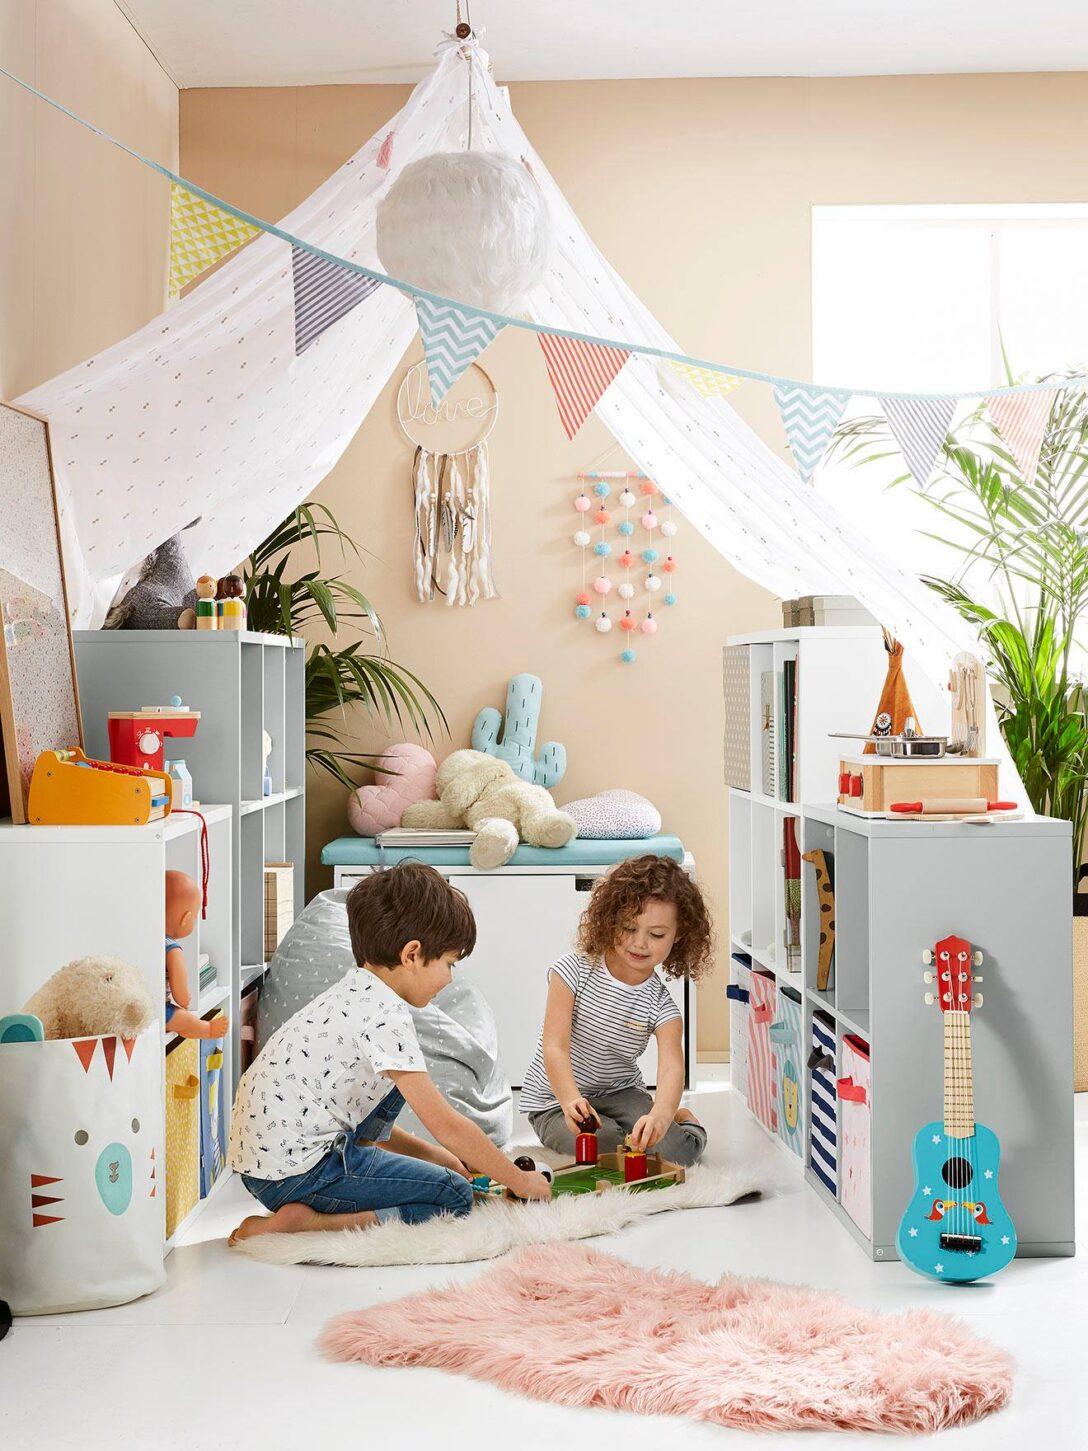 Large Size of Aufbewahrungsboxen Kinderzimmer Holz Mint Design Mit Deckel Plastik Amazon Aufbewahrungsbox Ebay Ikea Stapelbar Vertbaudet 3er Set Regale Regal Weiß Sofa Kinderzimmer Aufbewahrungsboxen Kinderzimmer